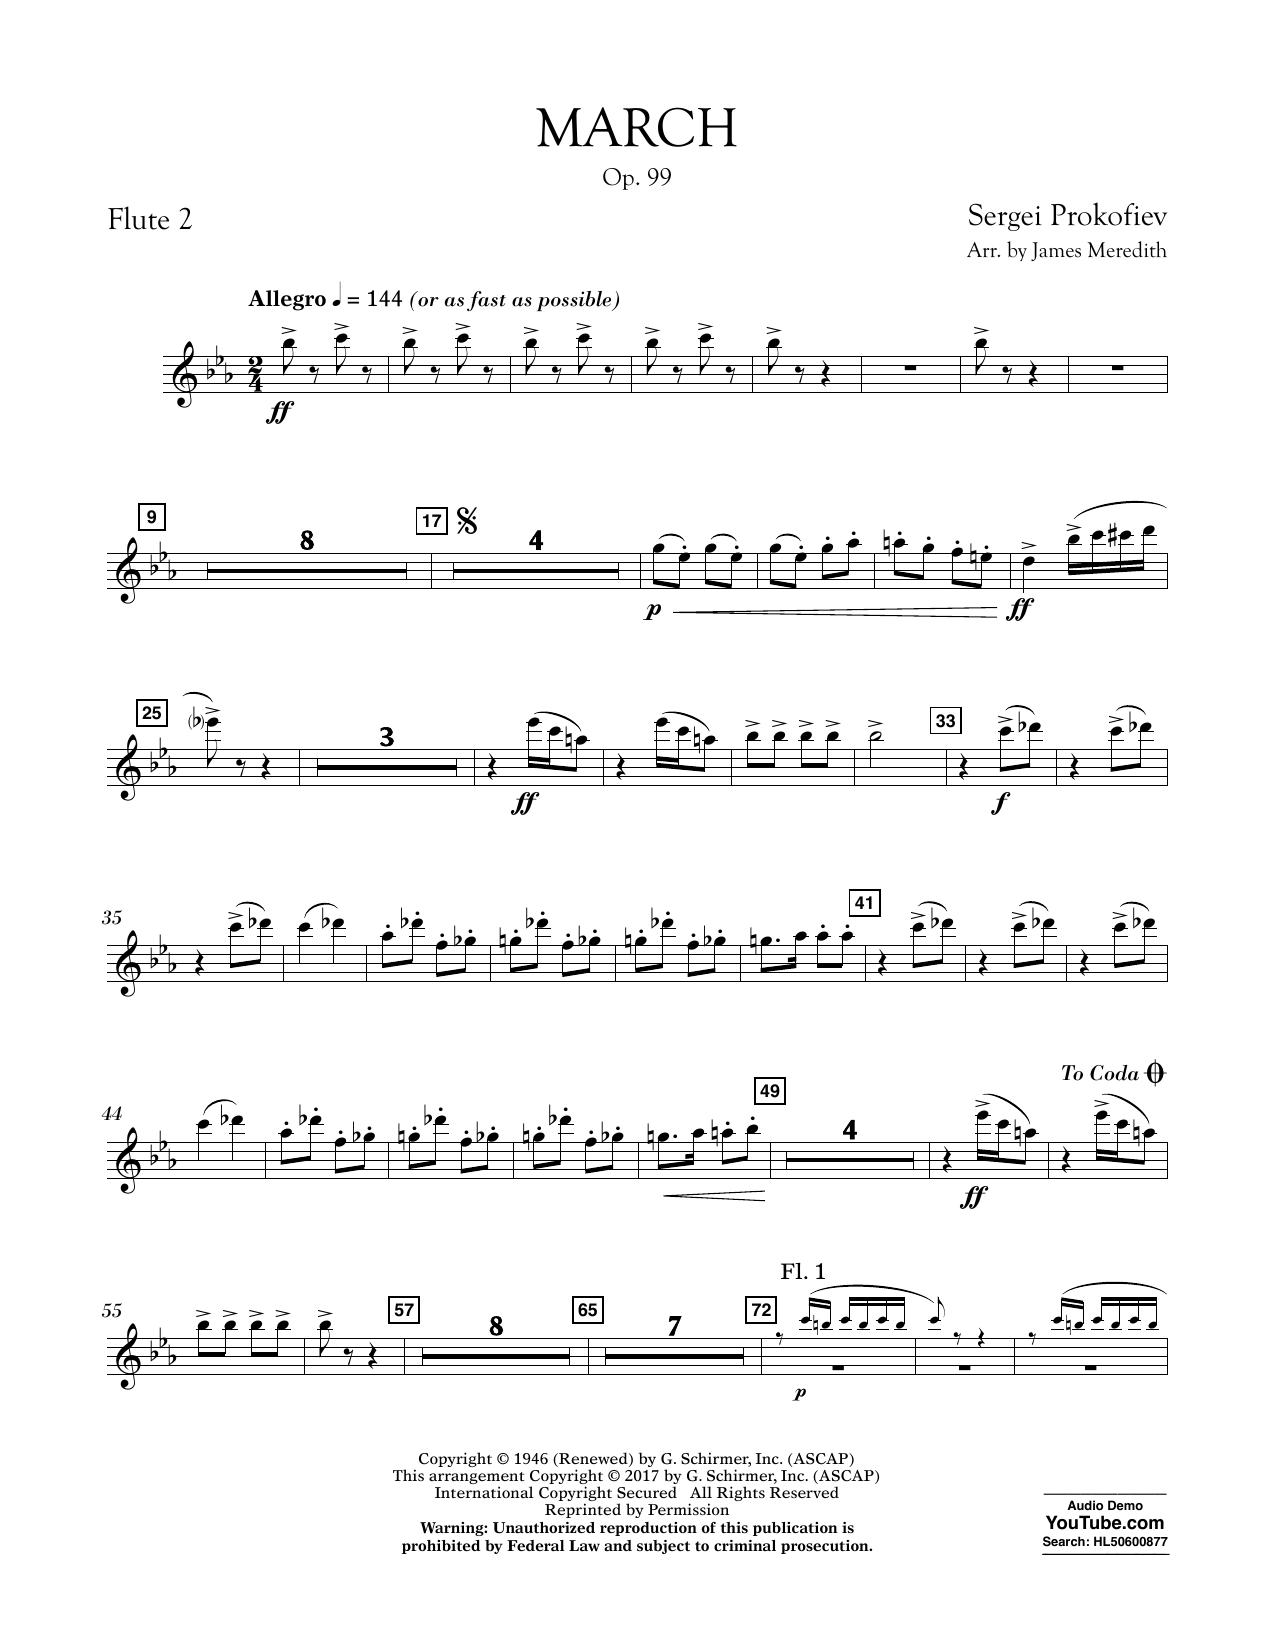 March, Op. 99 - Flute 2 Sheet Music